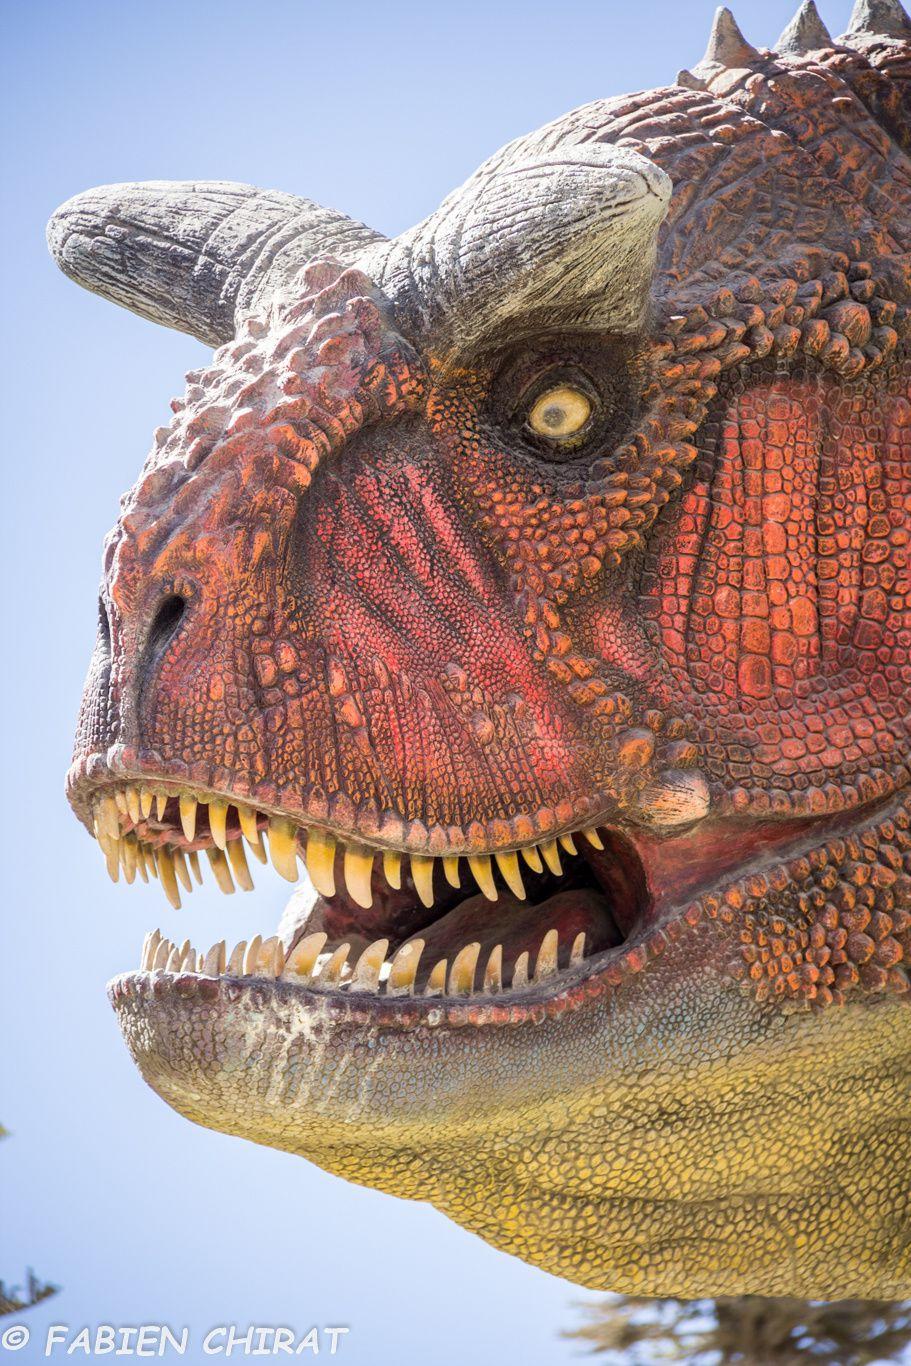 Carnotaurus (Abelisauridé typique d'Amerique du sud)